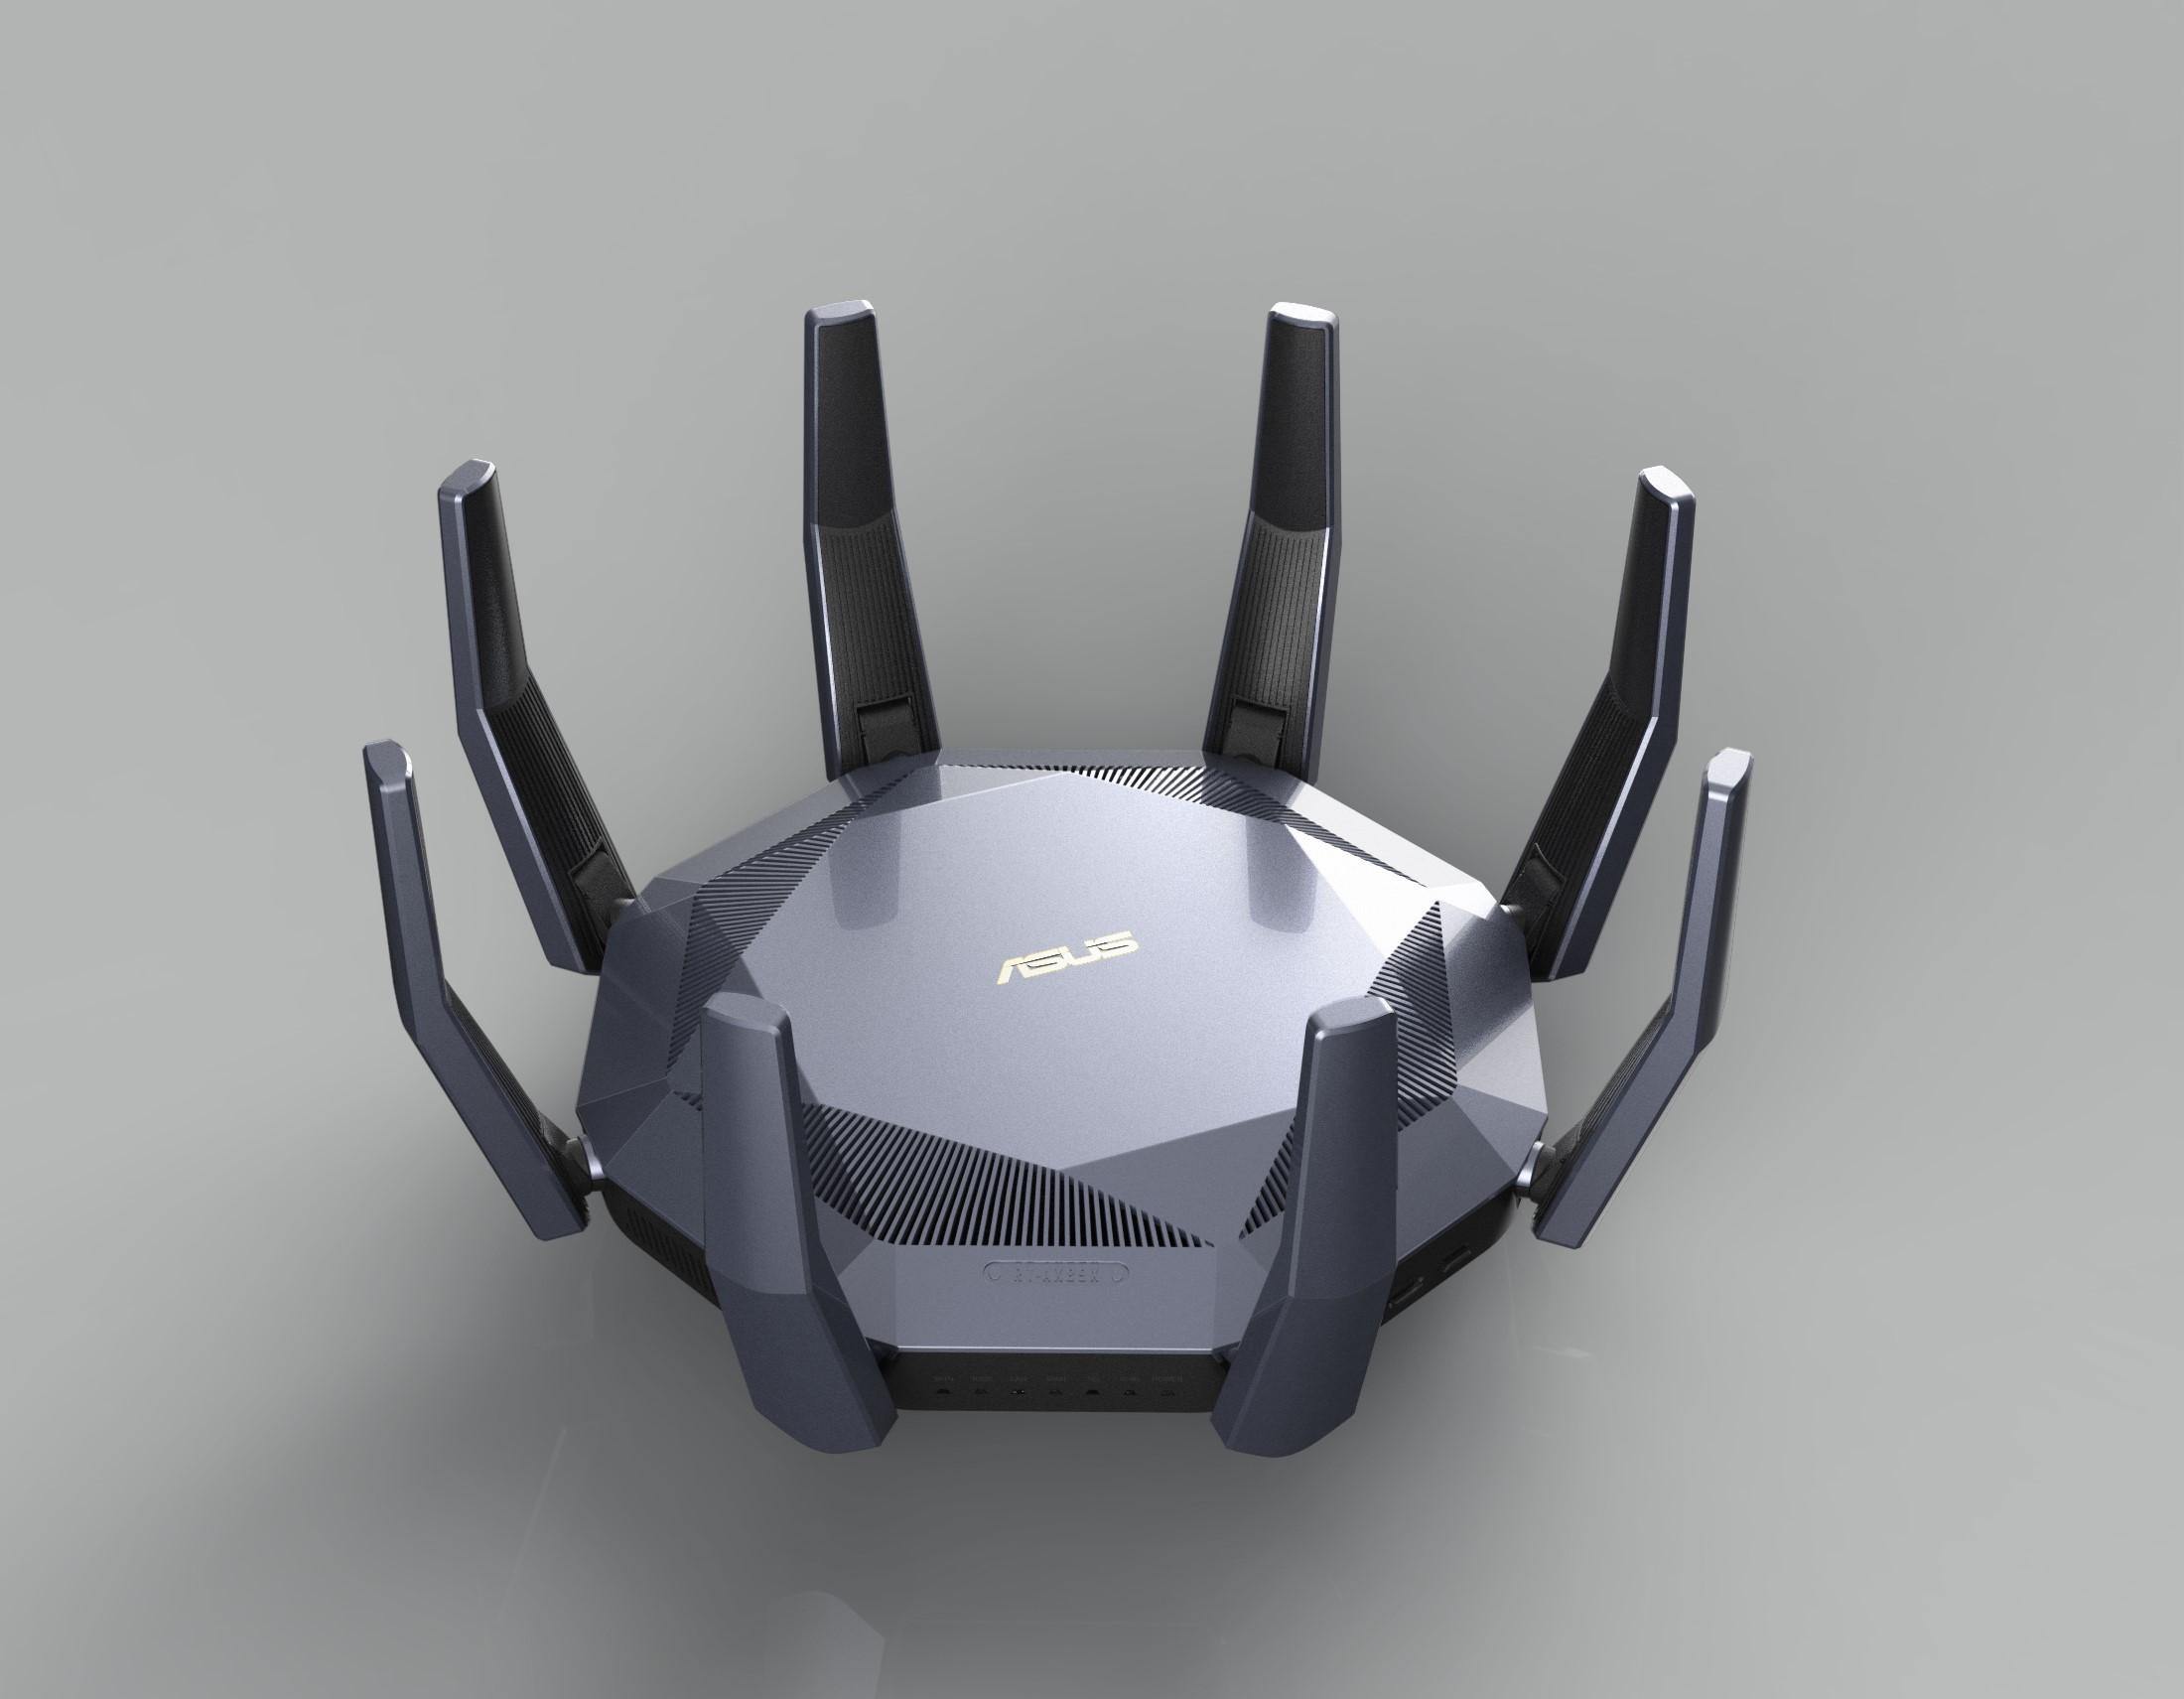 无线双频路由器 / 华硕计算机股份有限公司